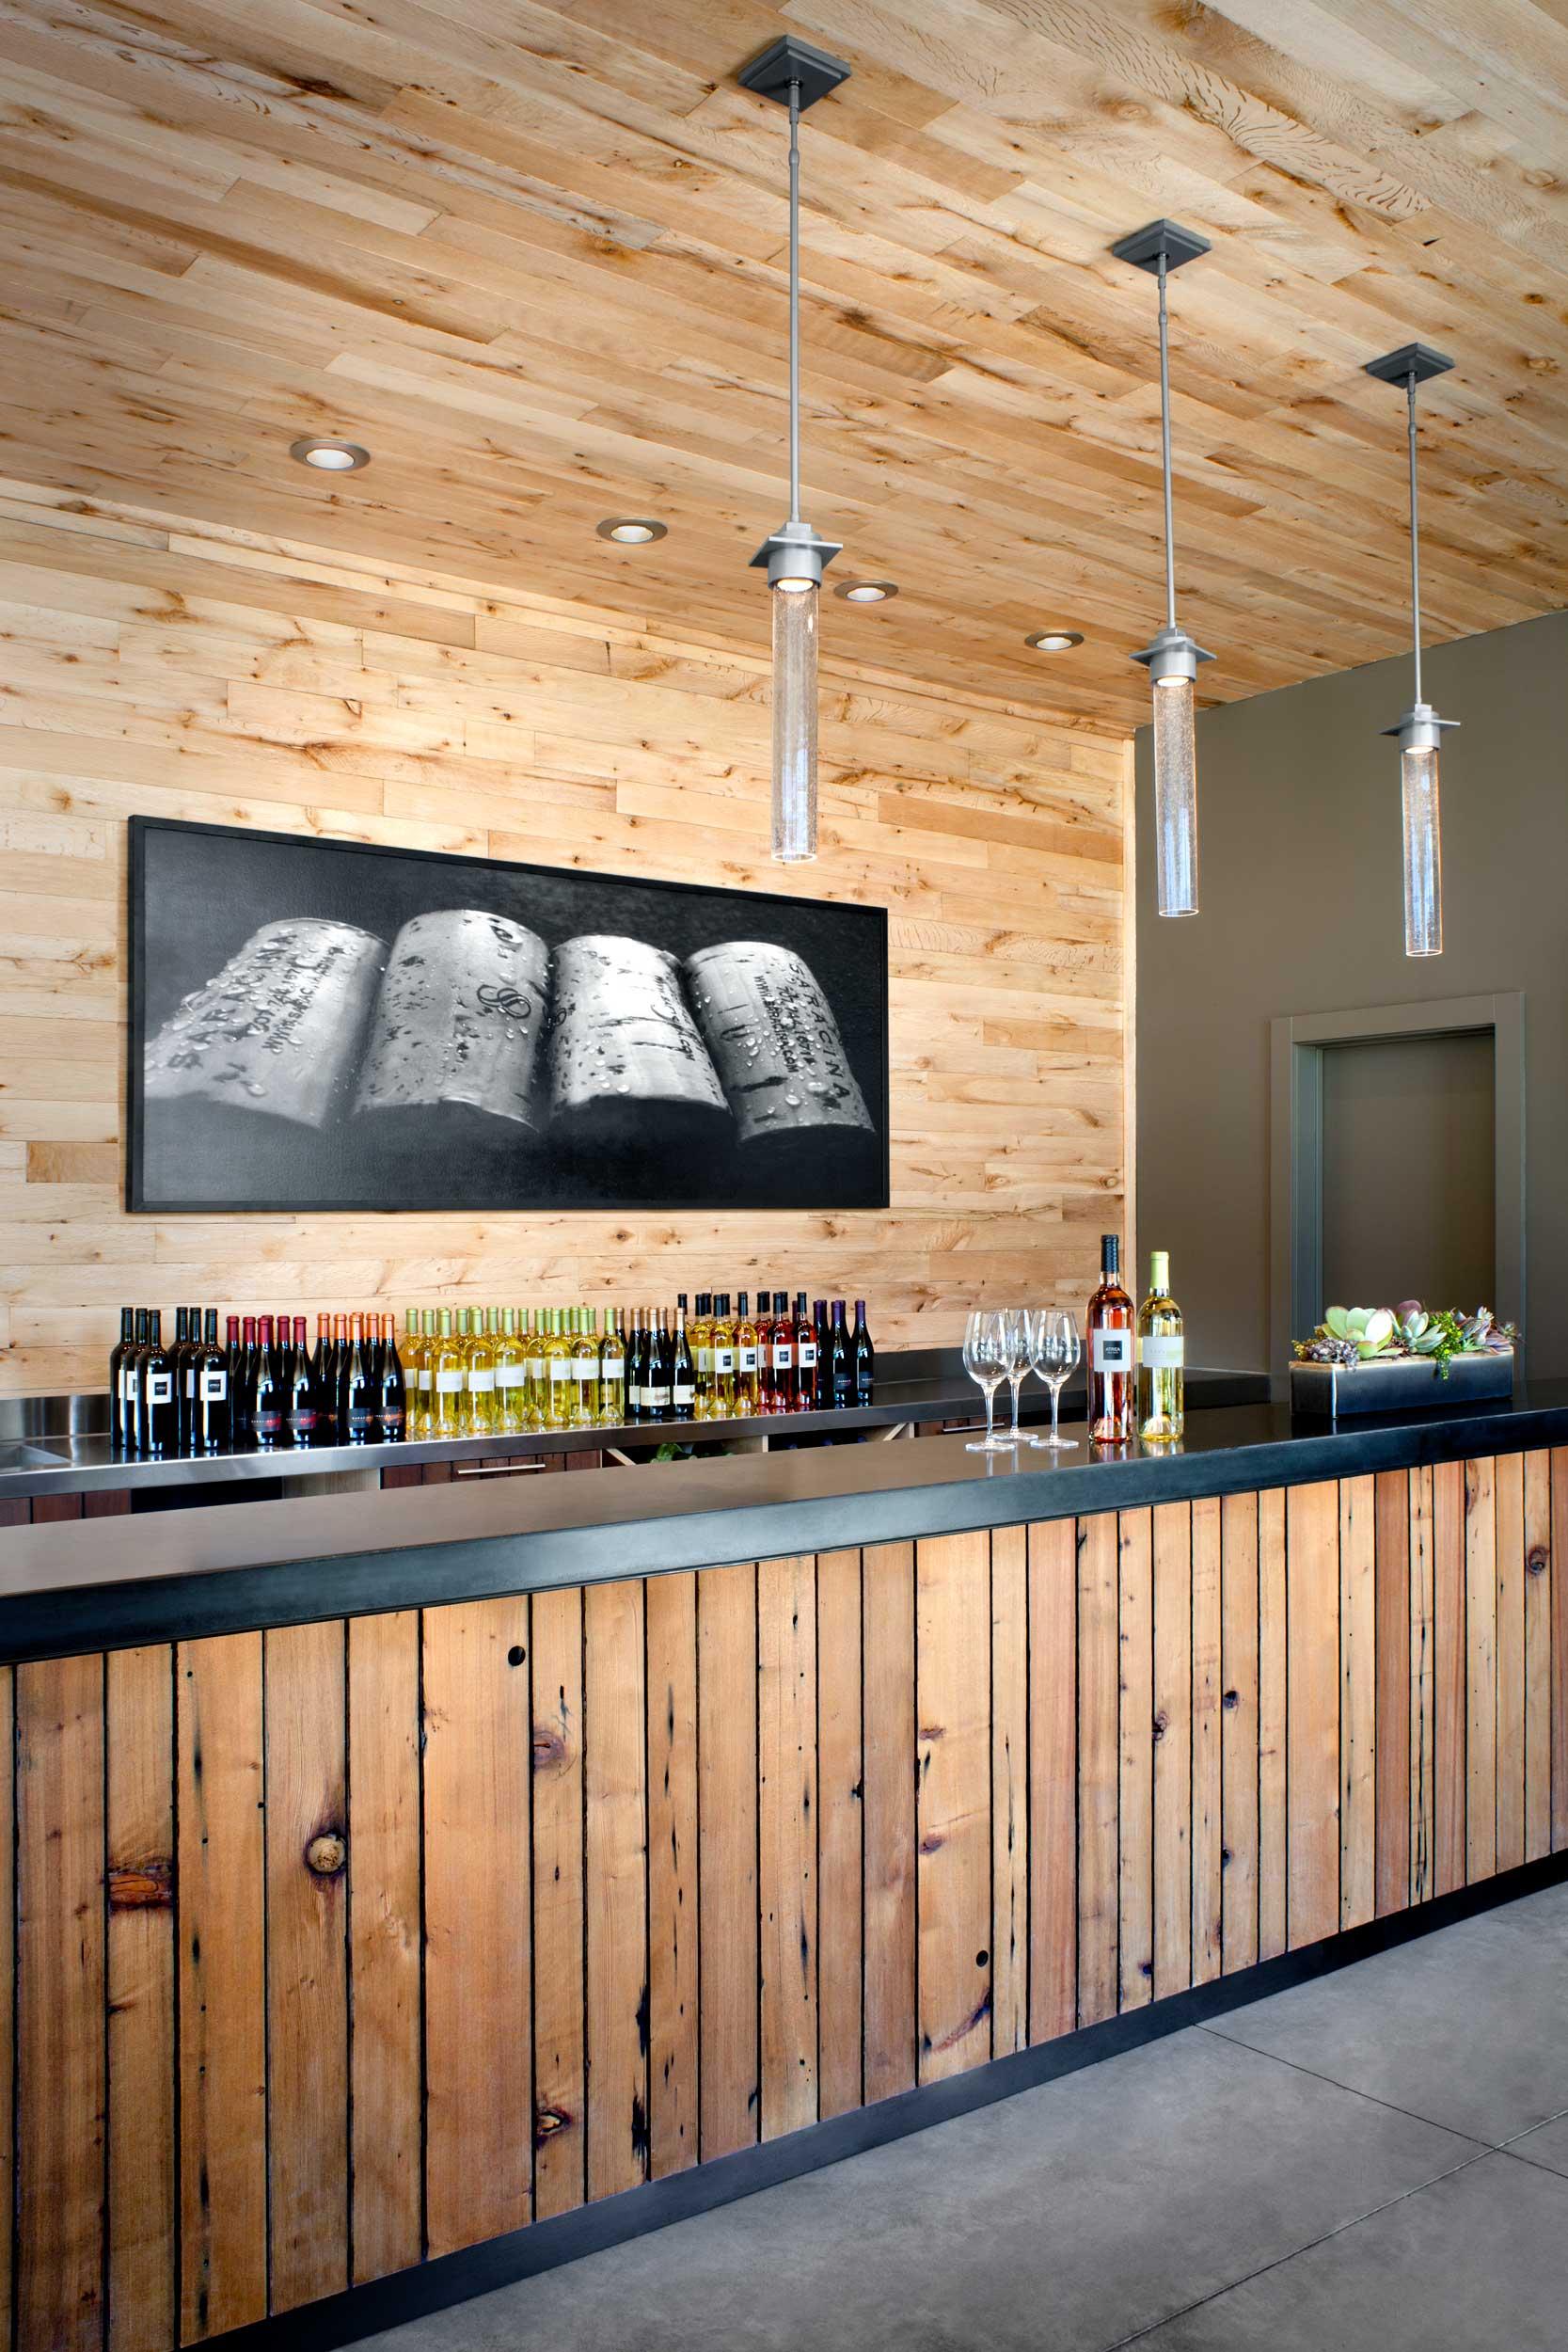 Tasting Room Bar of reclaimed redwood